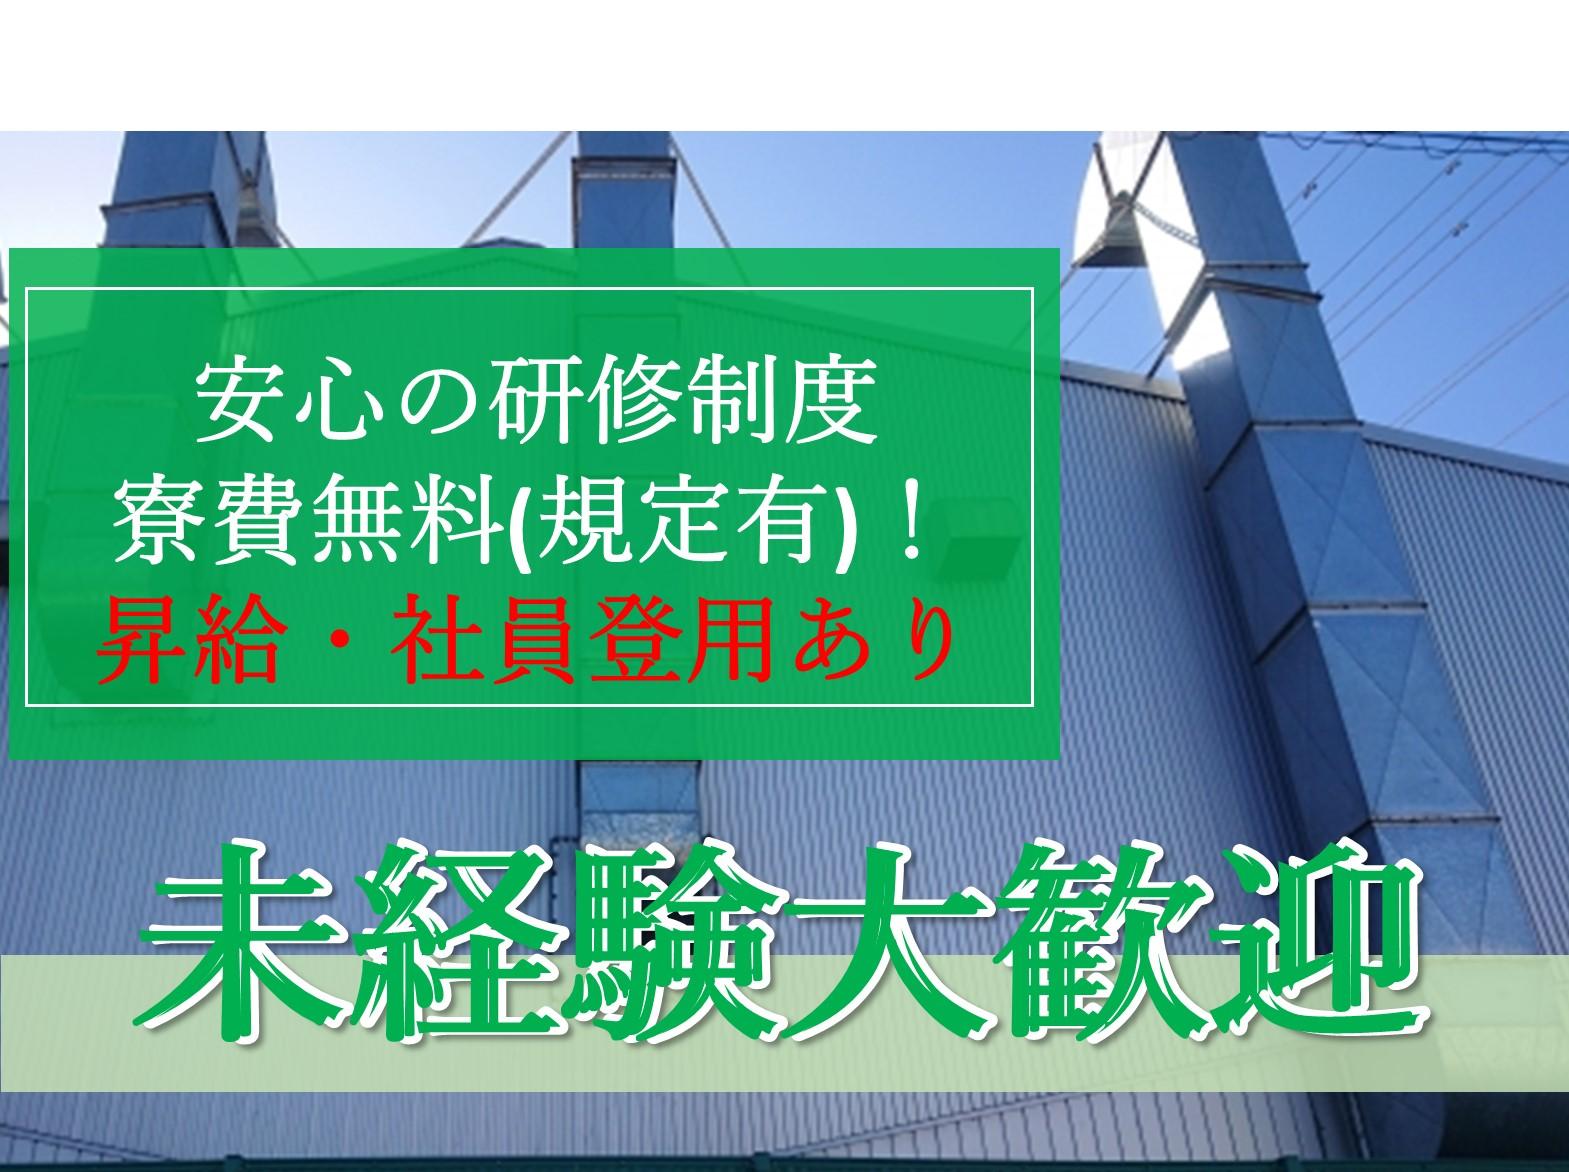 北海道岩内郡共和町【即面談可能】寮完備!シリコンウエハの製造 イメージ